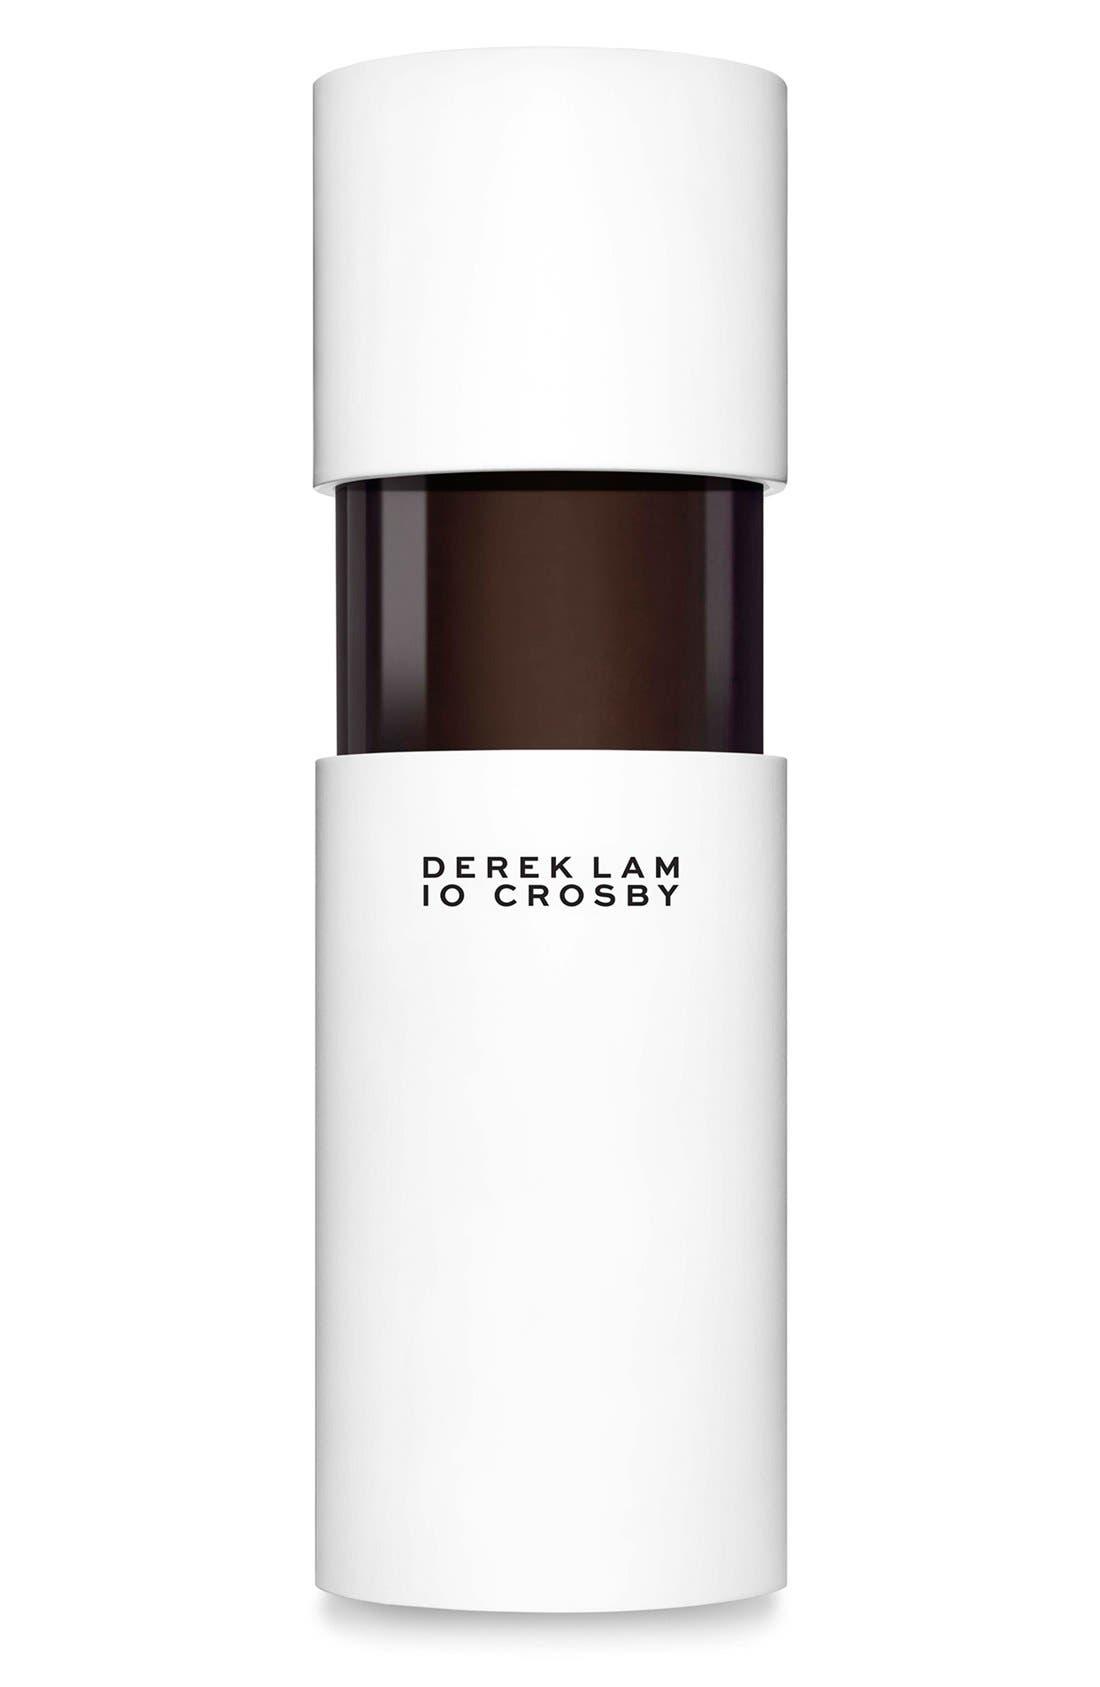 Derek Lam 10 Crosby 'Blackout' Eau de Parfum